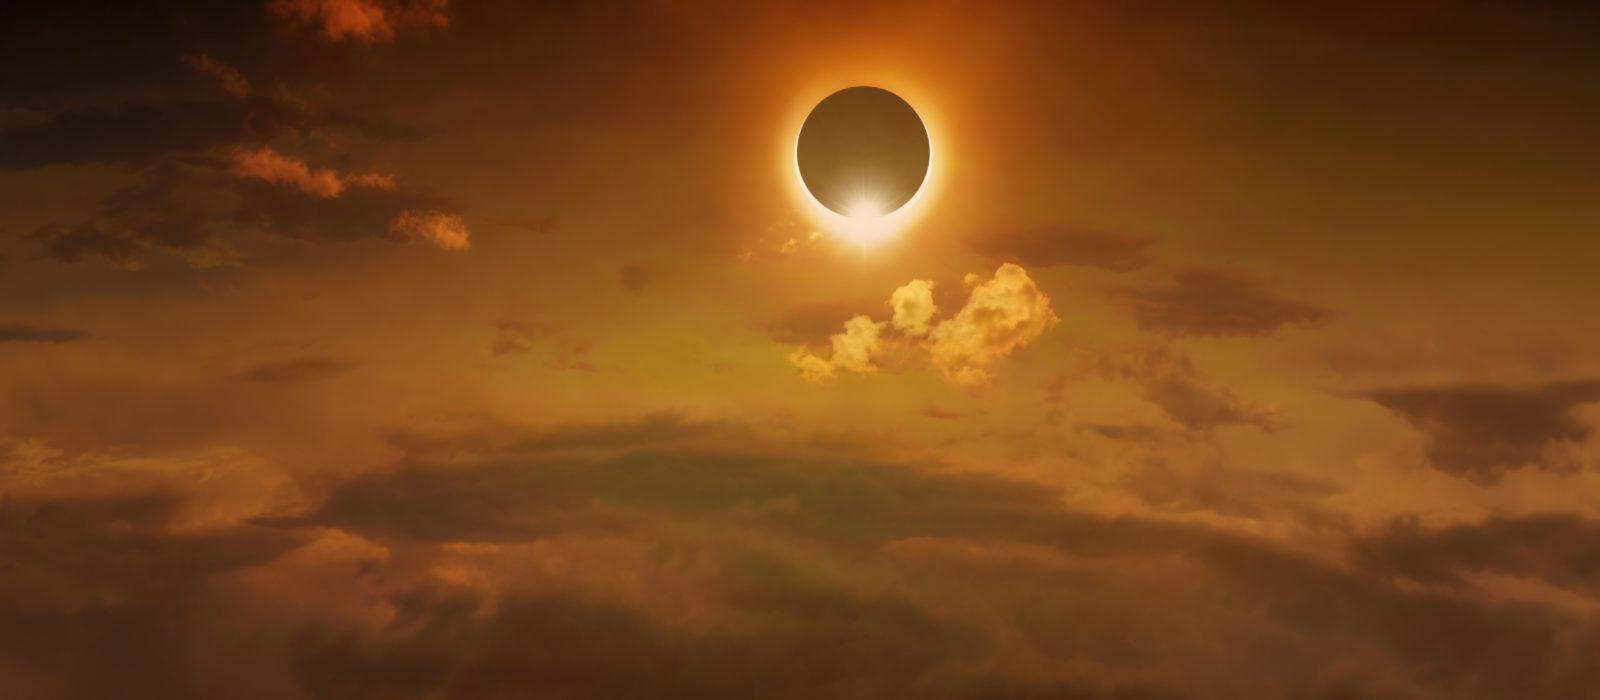 5 Recomendaciones para observar el próximo eclipse solar